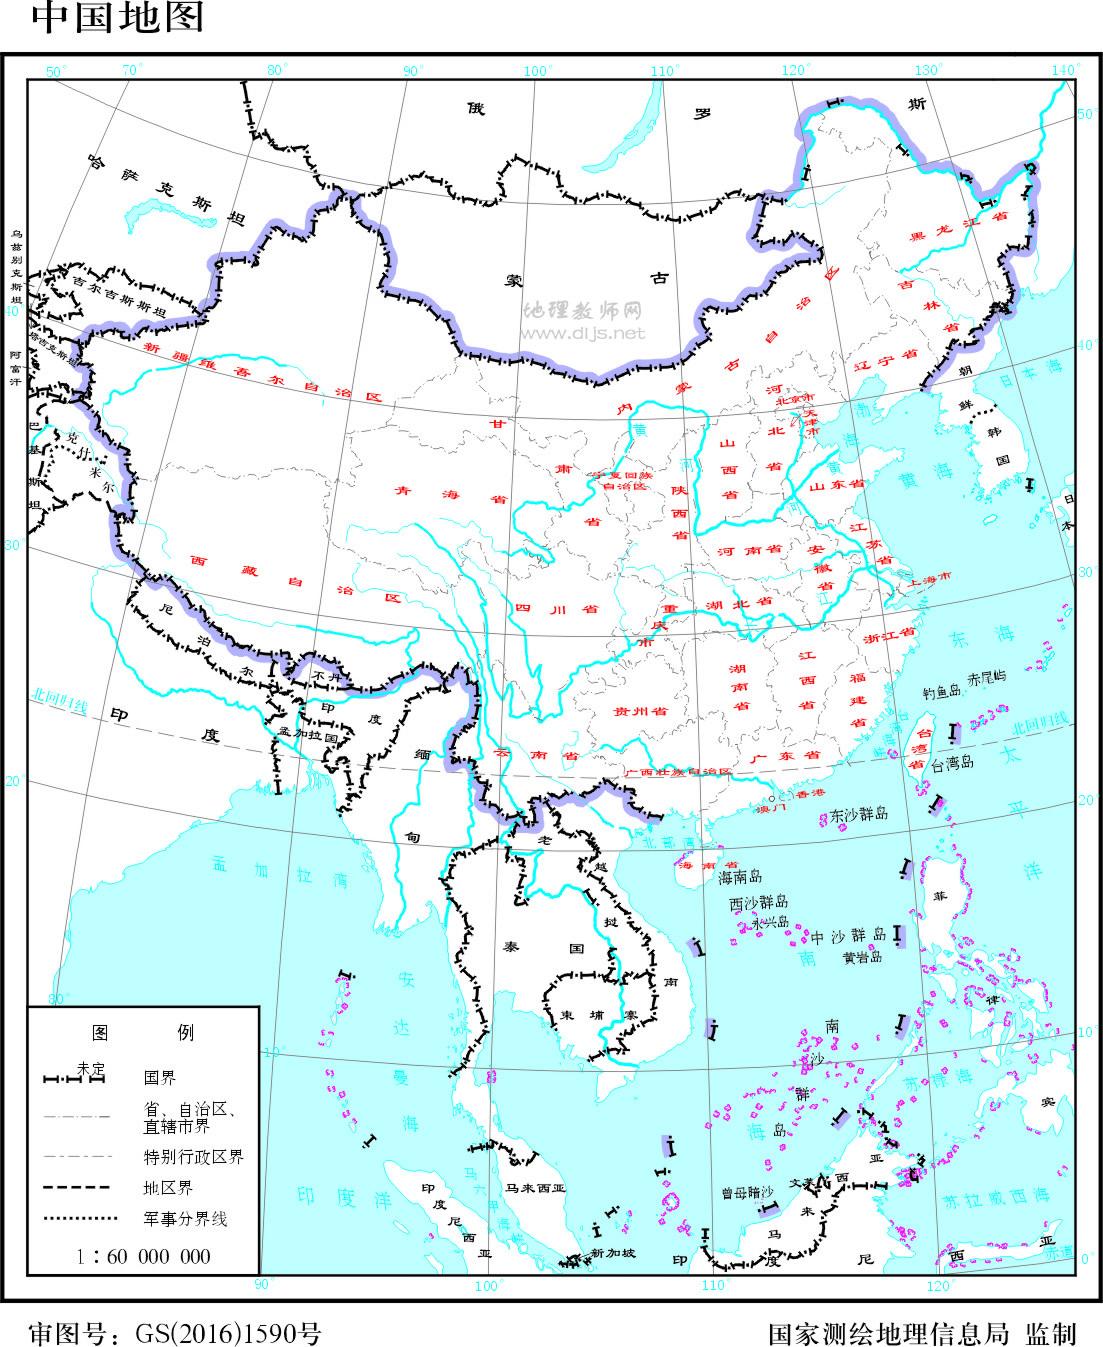 中国地图全图-1:6000万 有邻国 国界线二